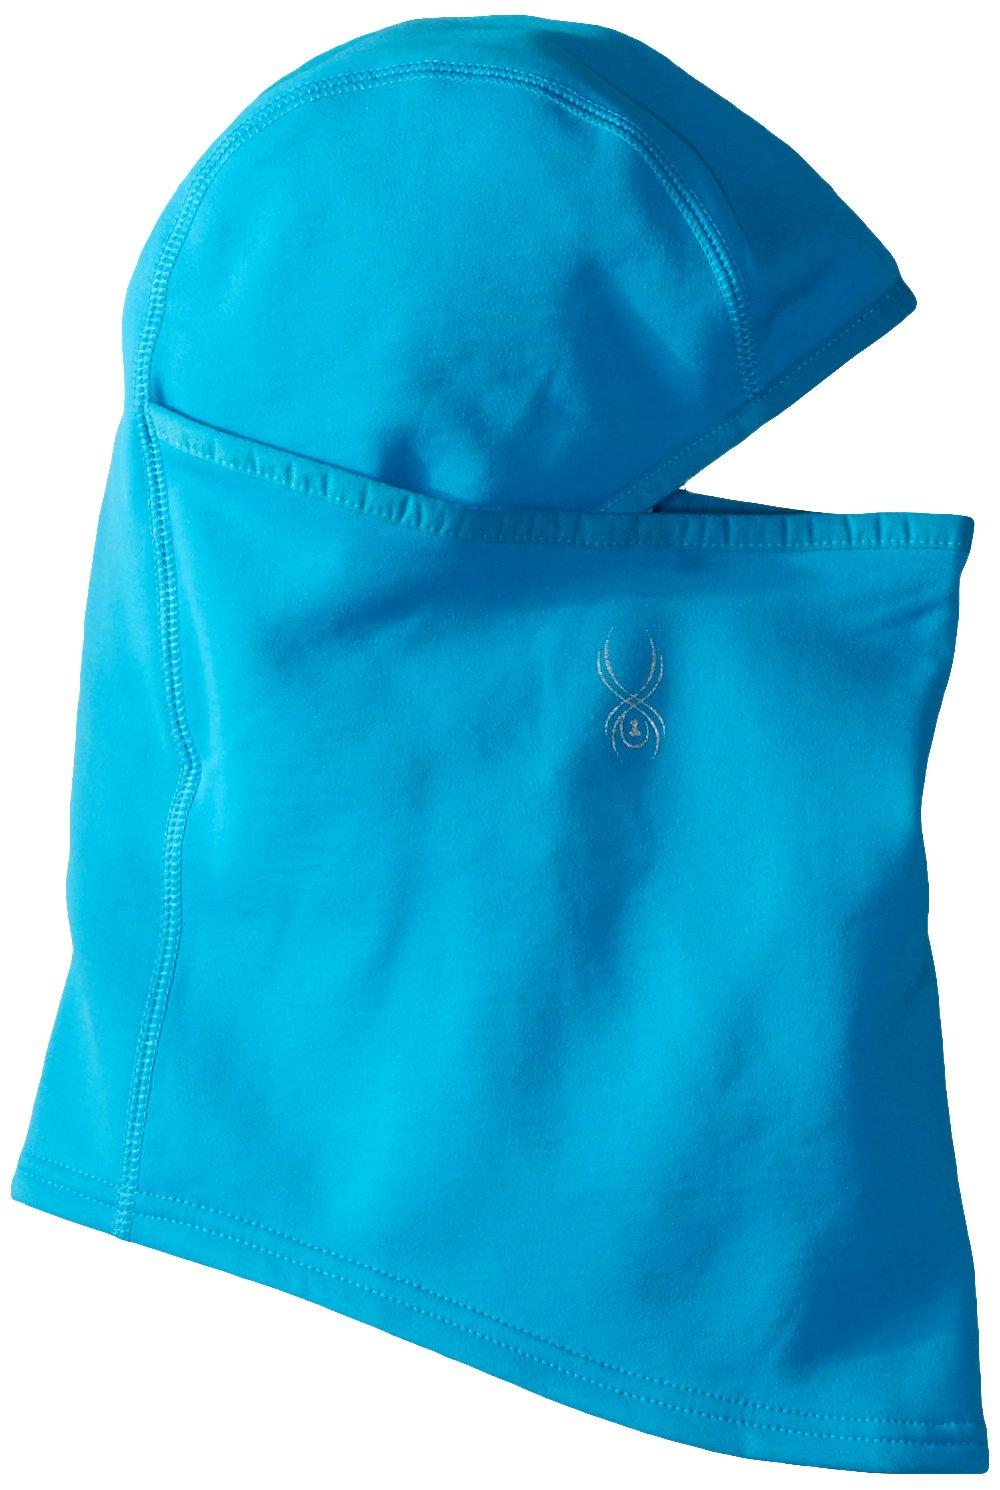 Spyder Women's Shield Silhouette Fleece Pivot Balaclava, Riviera, One Size